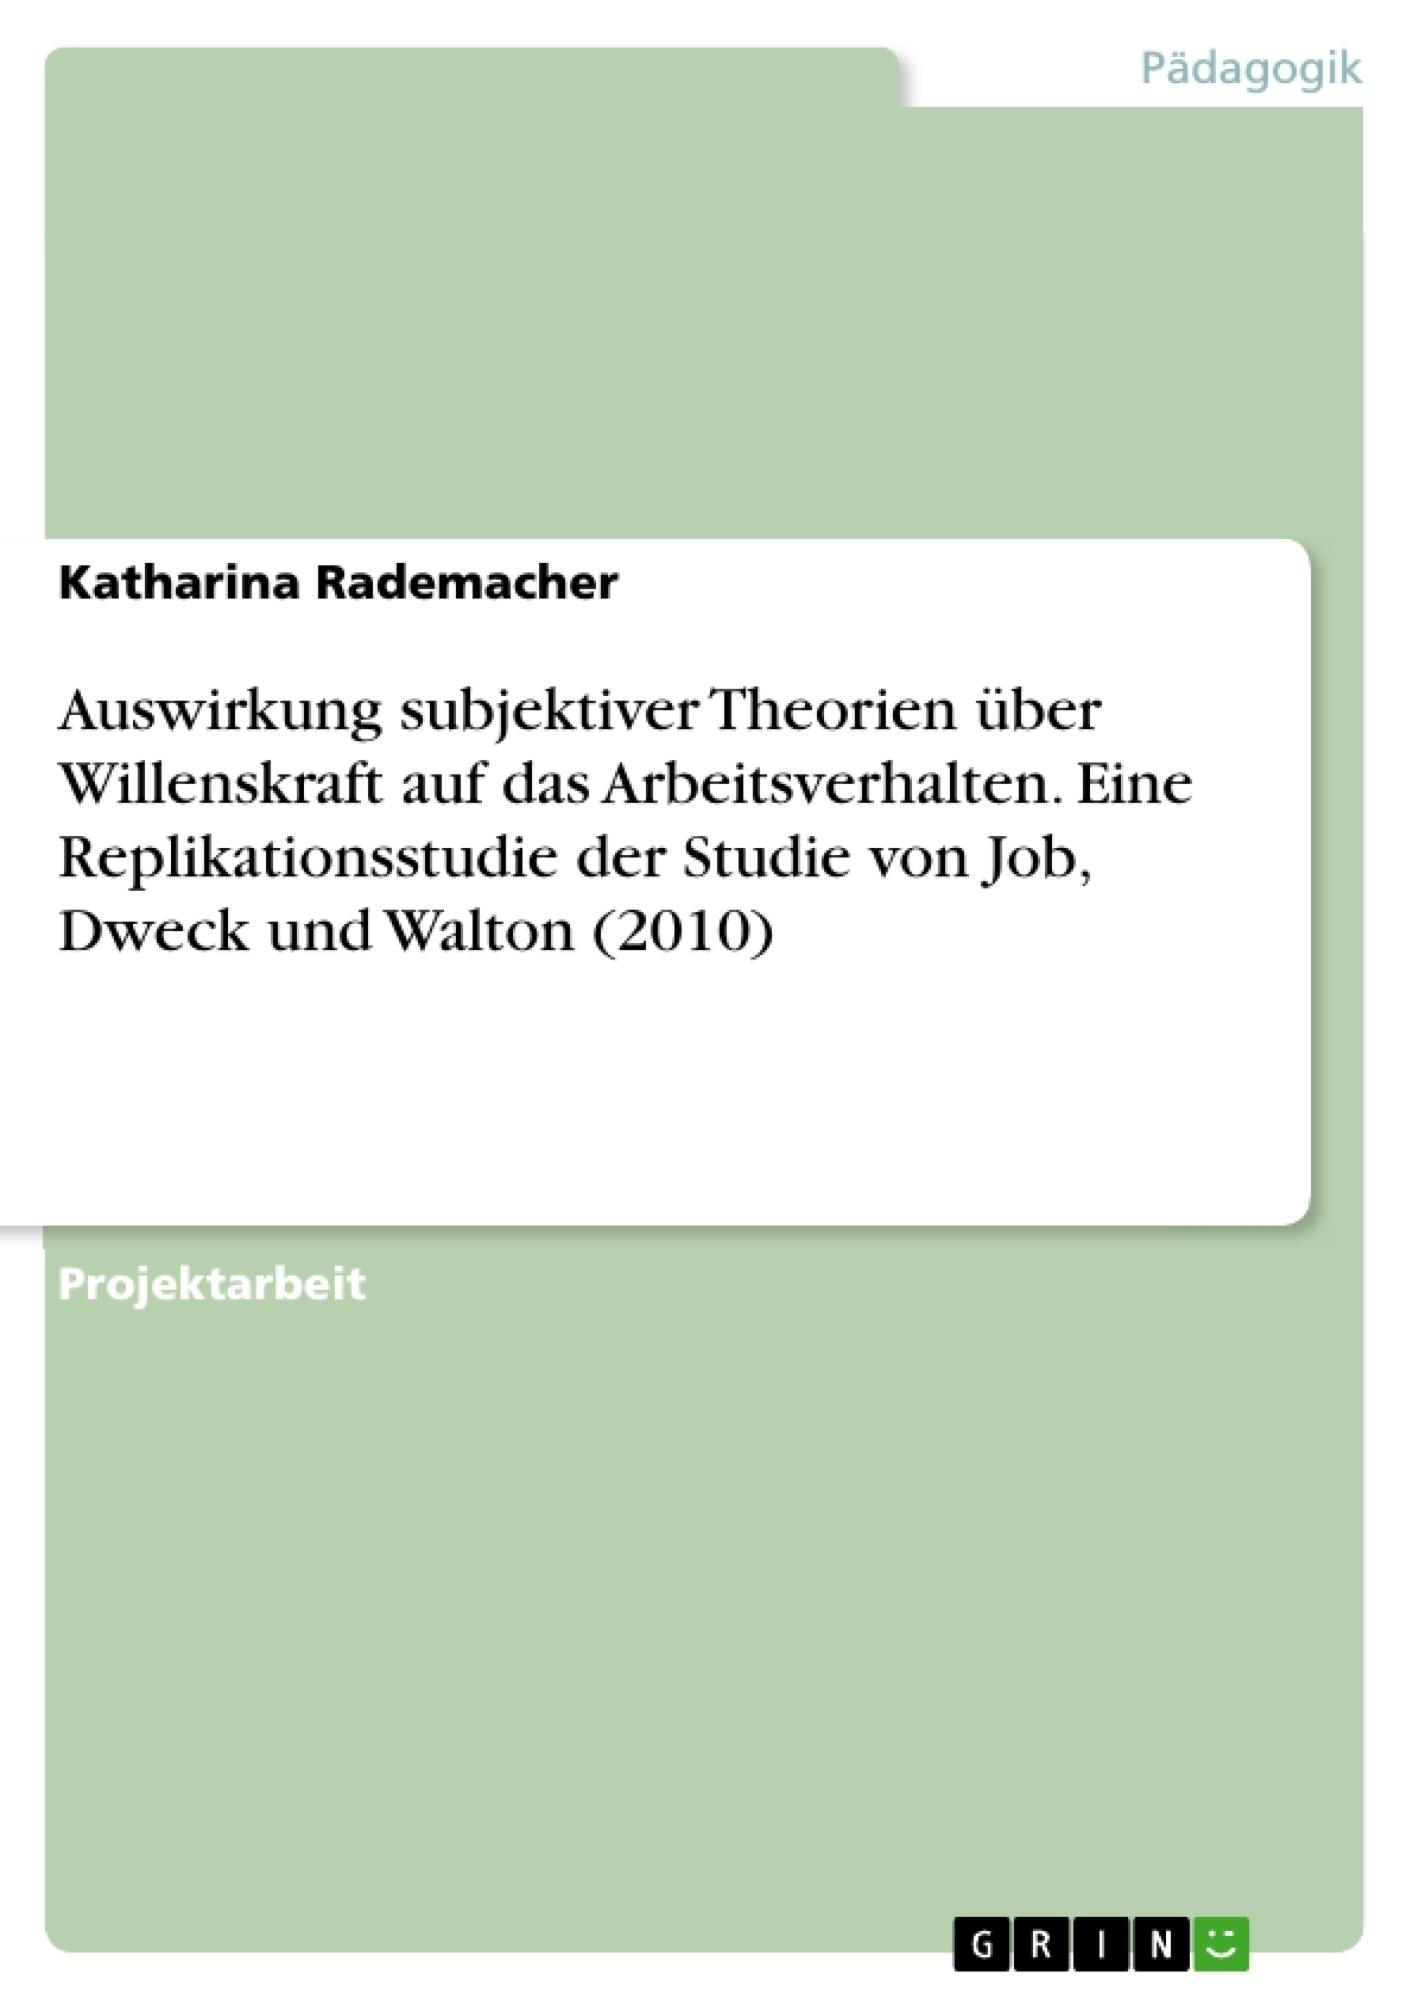 Titel: Auswirkung subjektiver Theorien über Willenskraft auf das Arbeitsverhalten. Eine Replikationsstudie der Studie von Job, Dweck und Walton (2010)